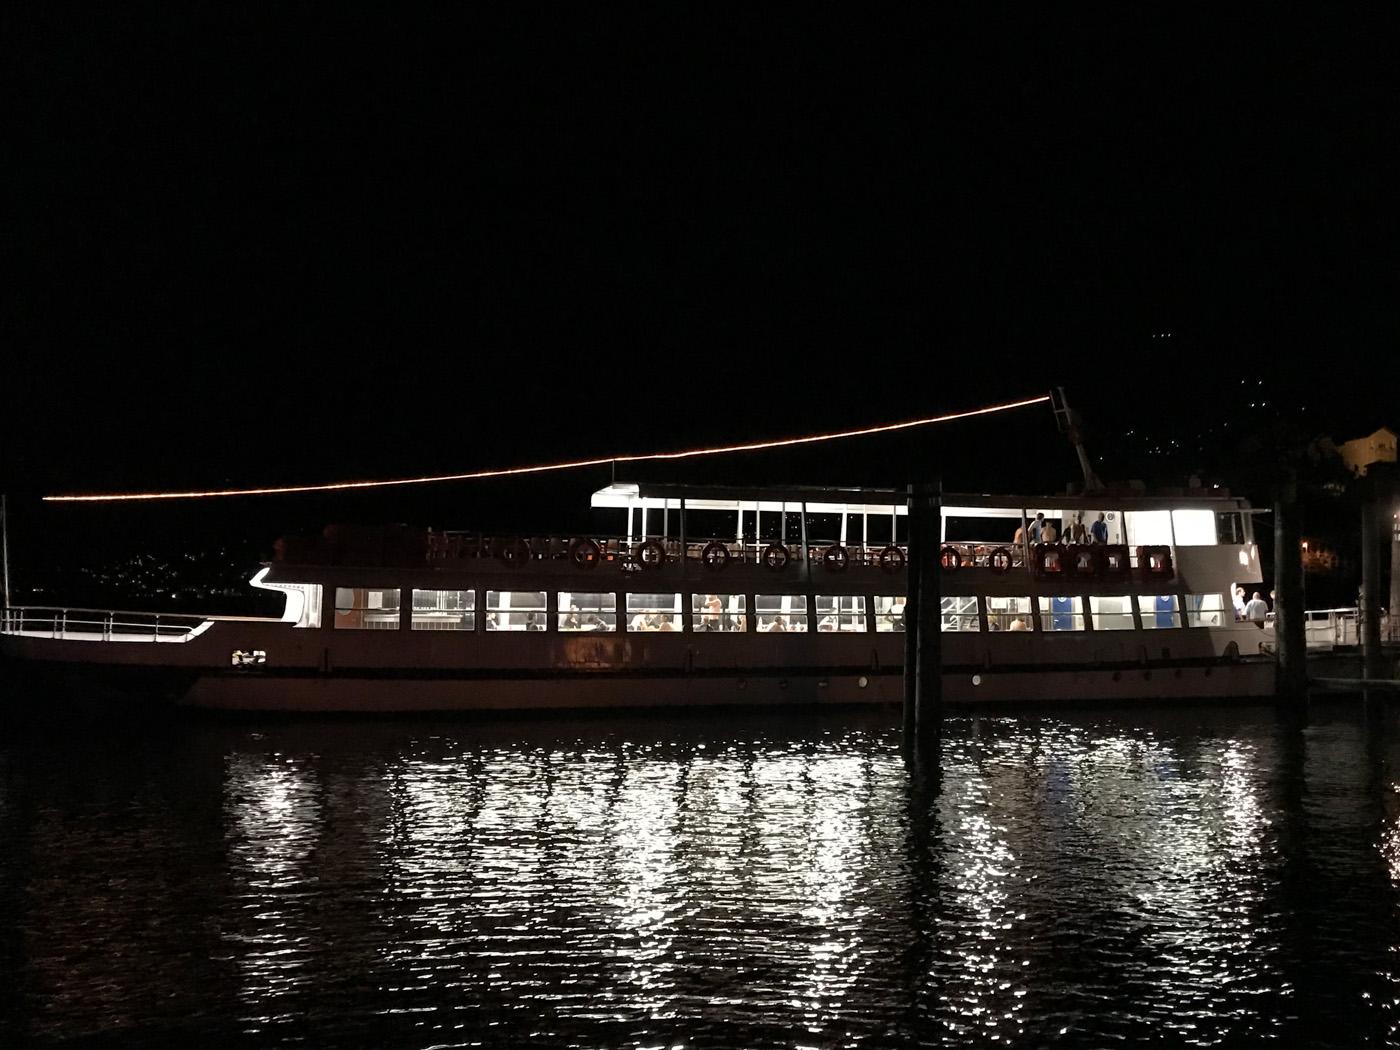 Das Boot für die Schwimmer